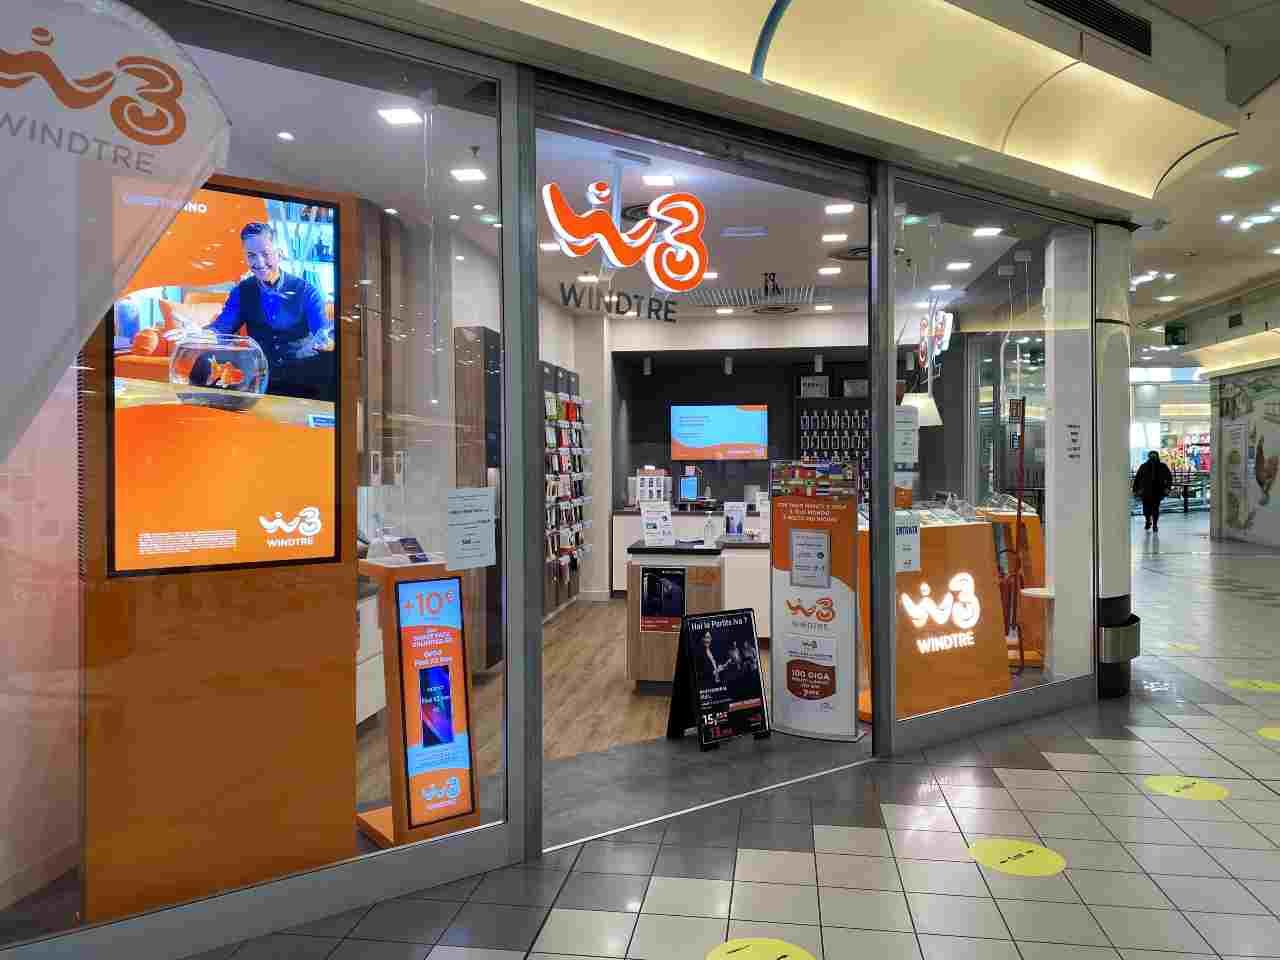 WindTre seconda soltanto dietro Vodafone (Adobe Stock)